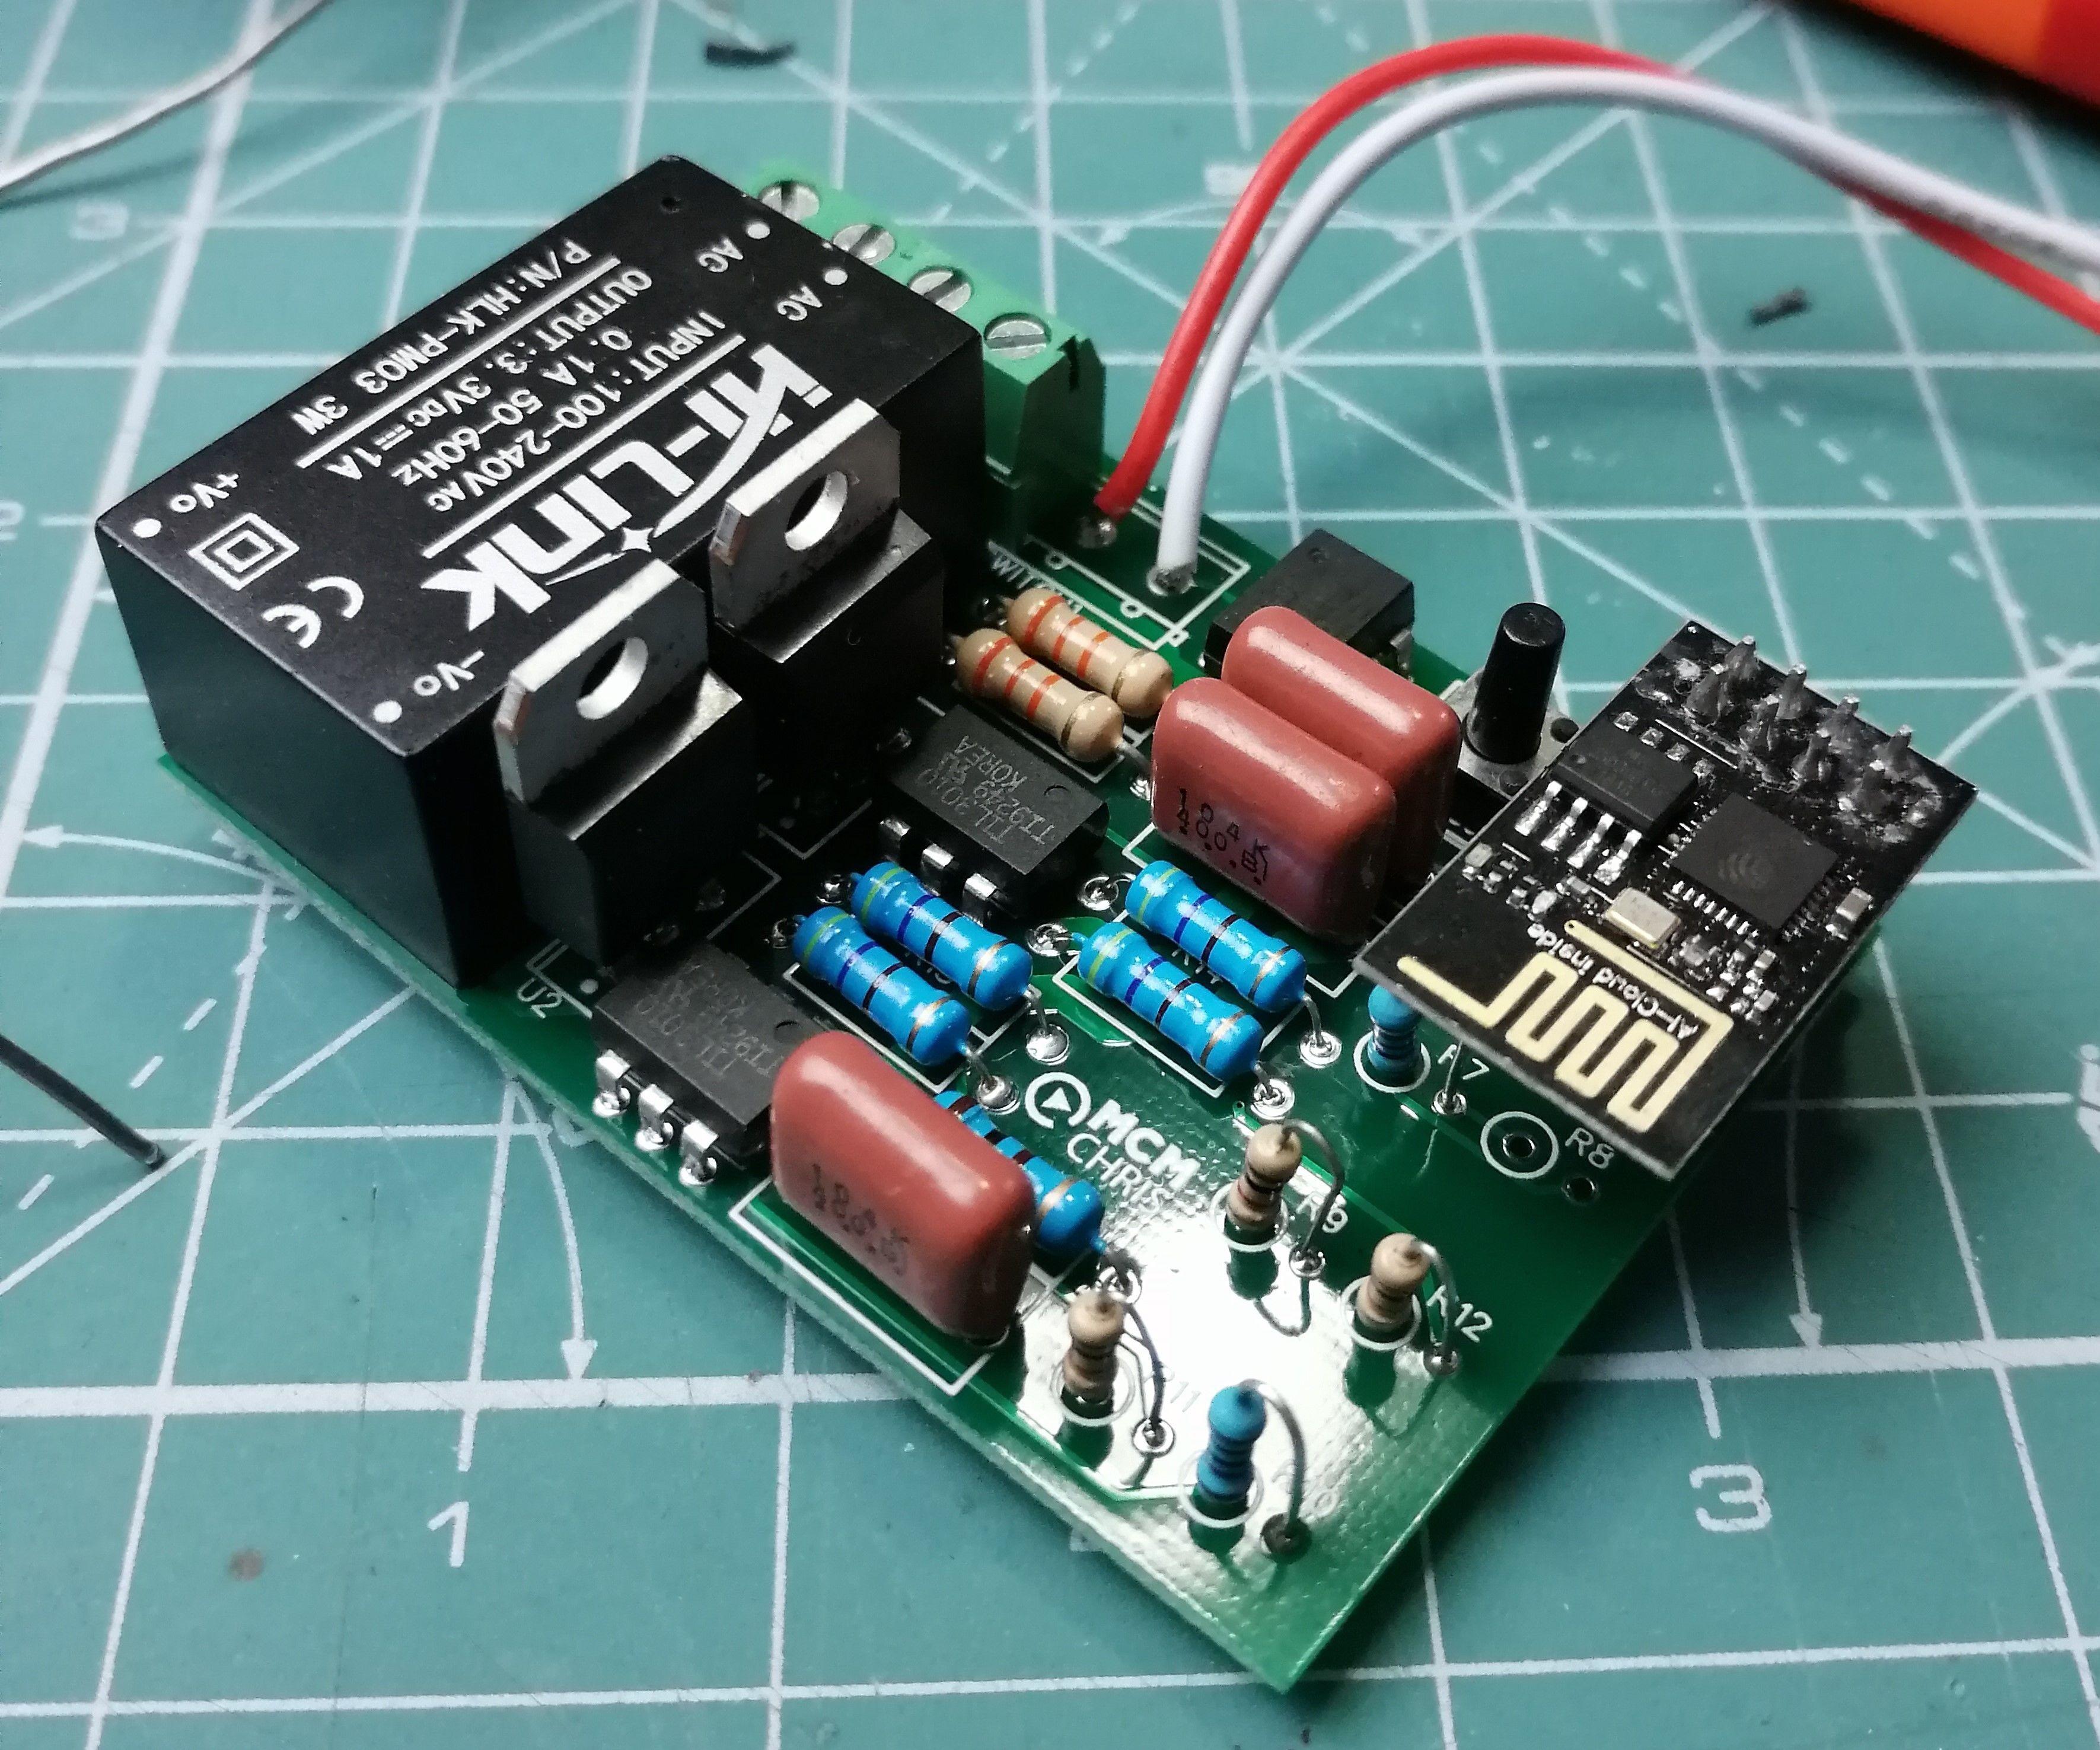 Light Switch + Fan Dimmer in One Board With ESP8266